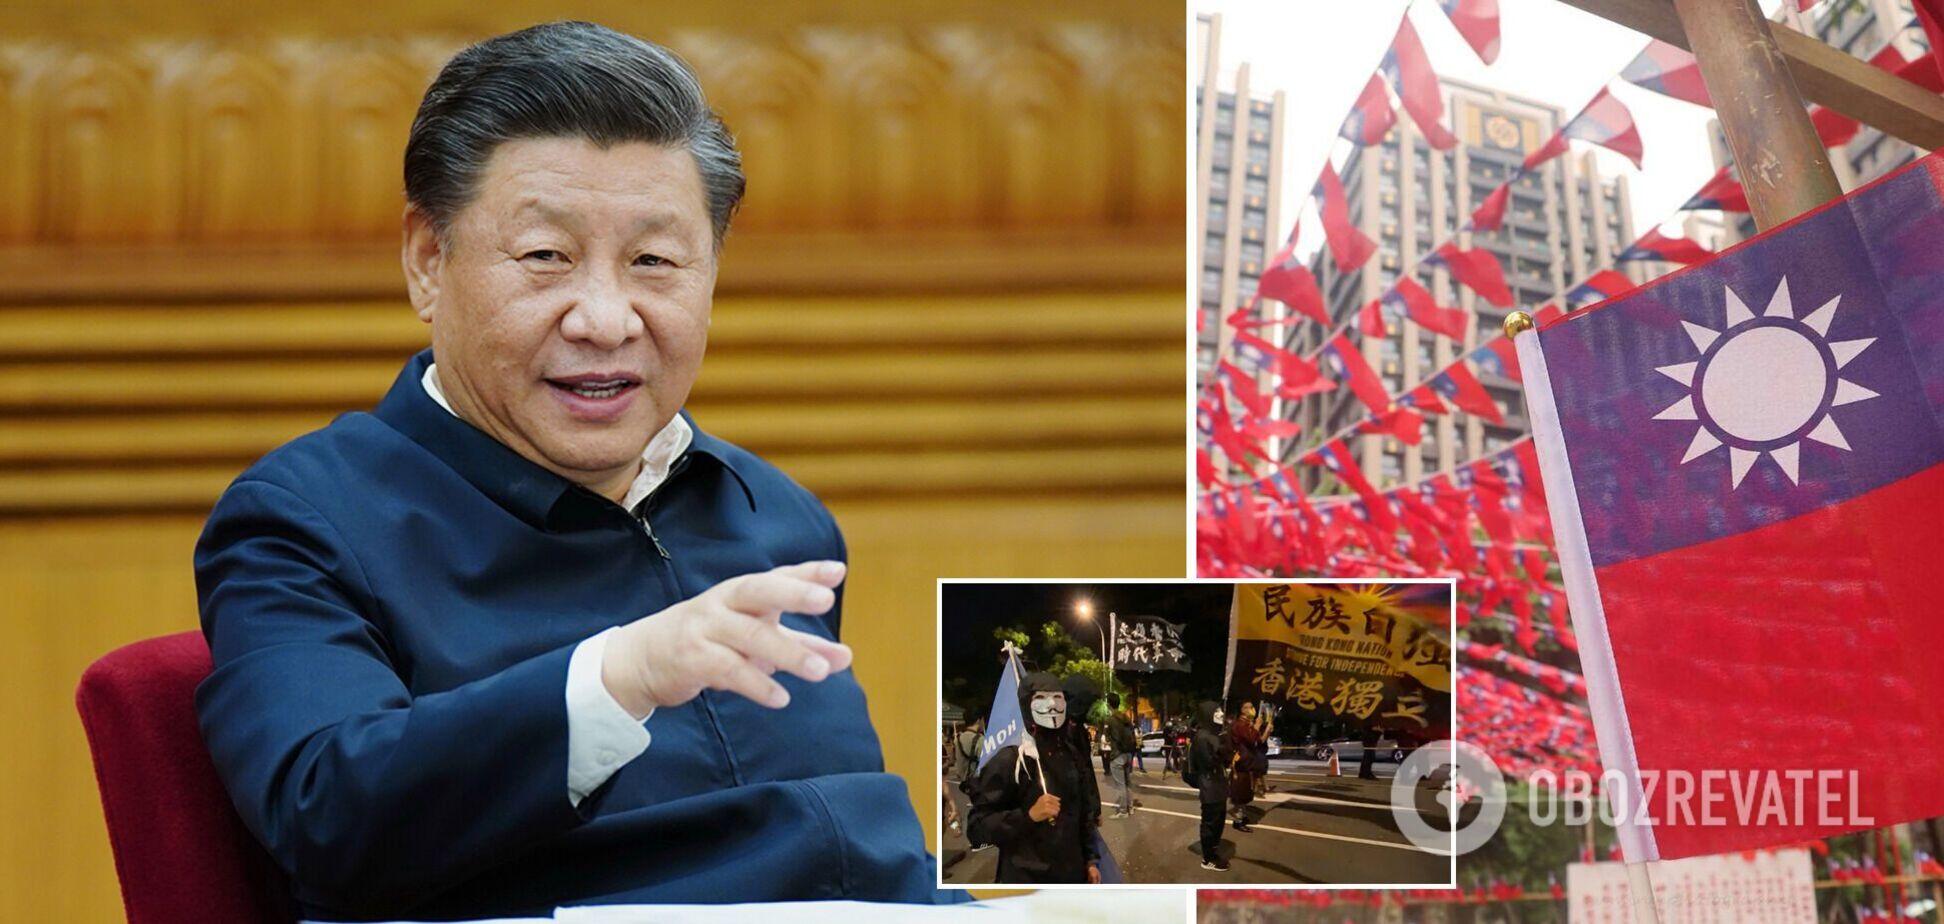 Китай готується поглинути Тайвань: Цзіньпін закликав до мирного 'возз'єднання'